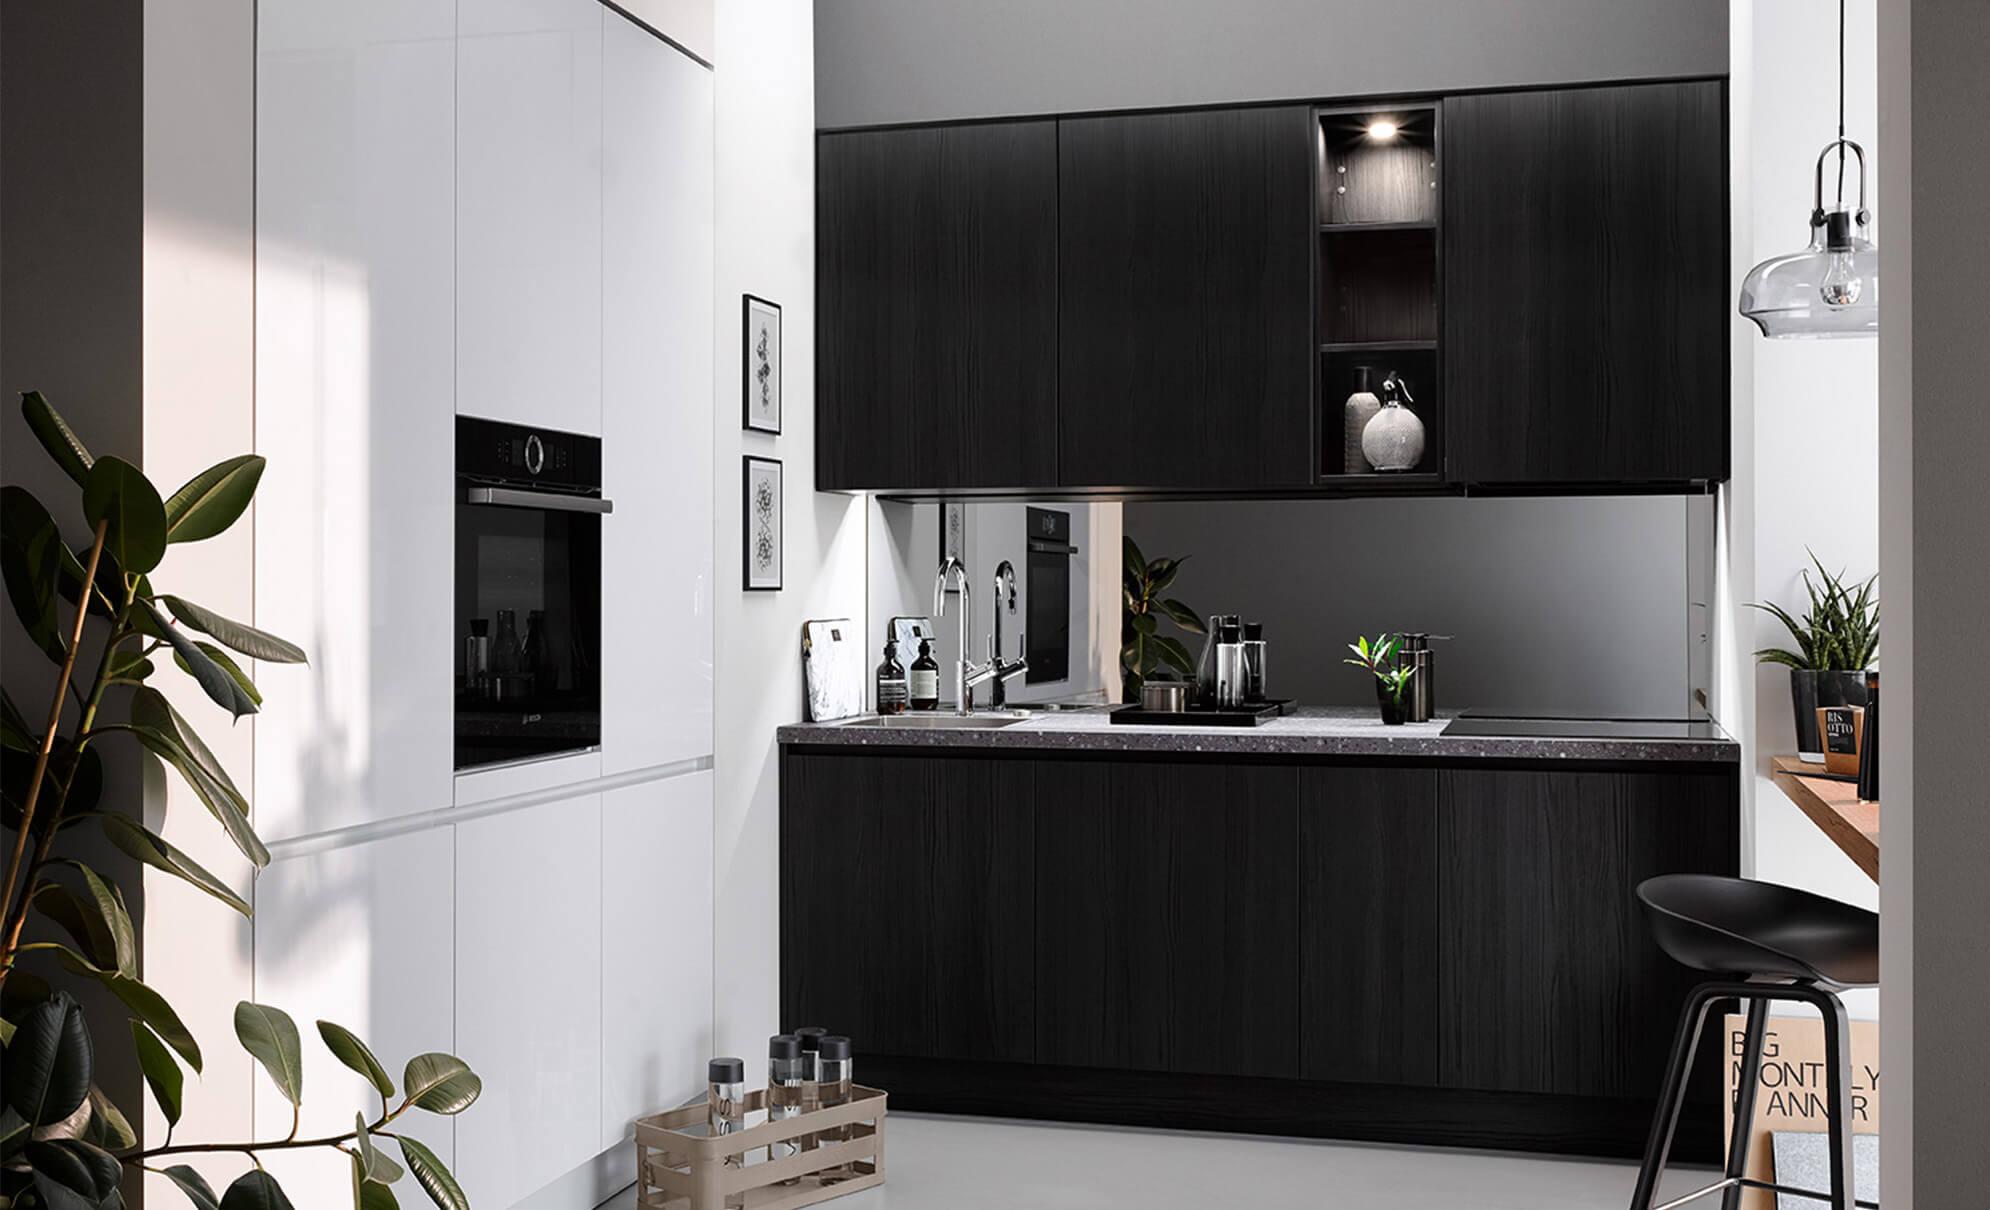 kleine Küche in Eiche schwarz mit eingekoffertem Hochschrank Element in Polarweiß